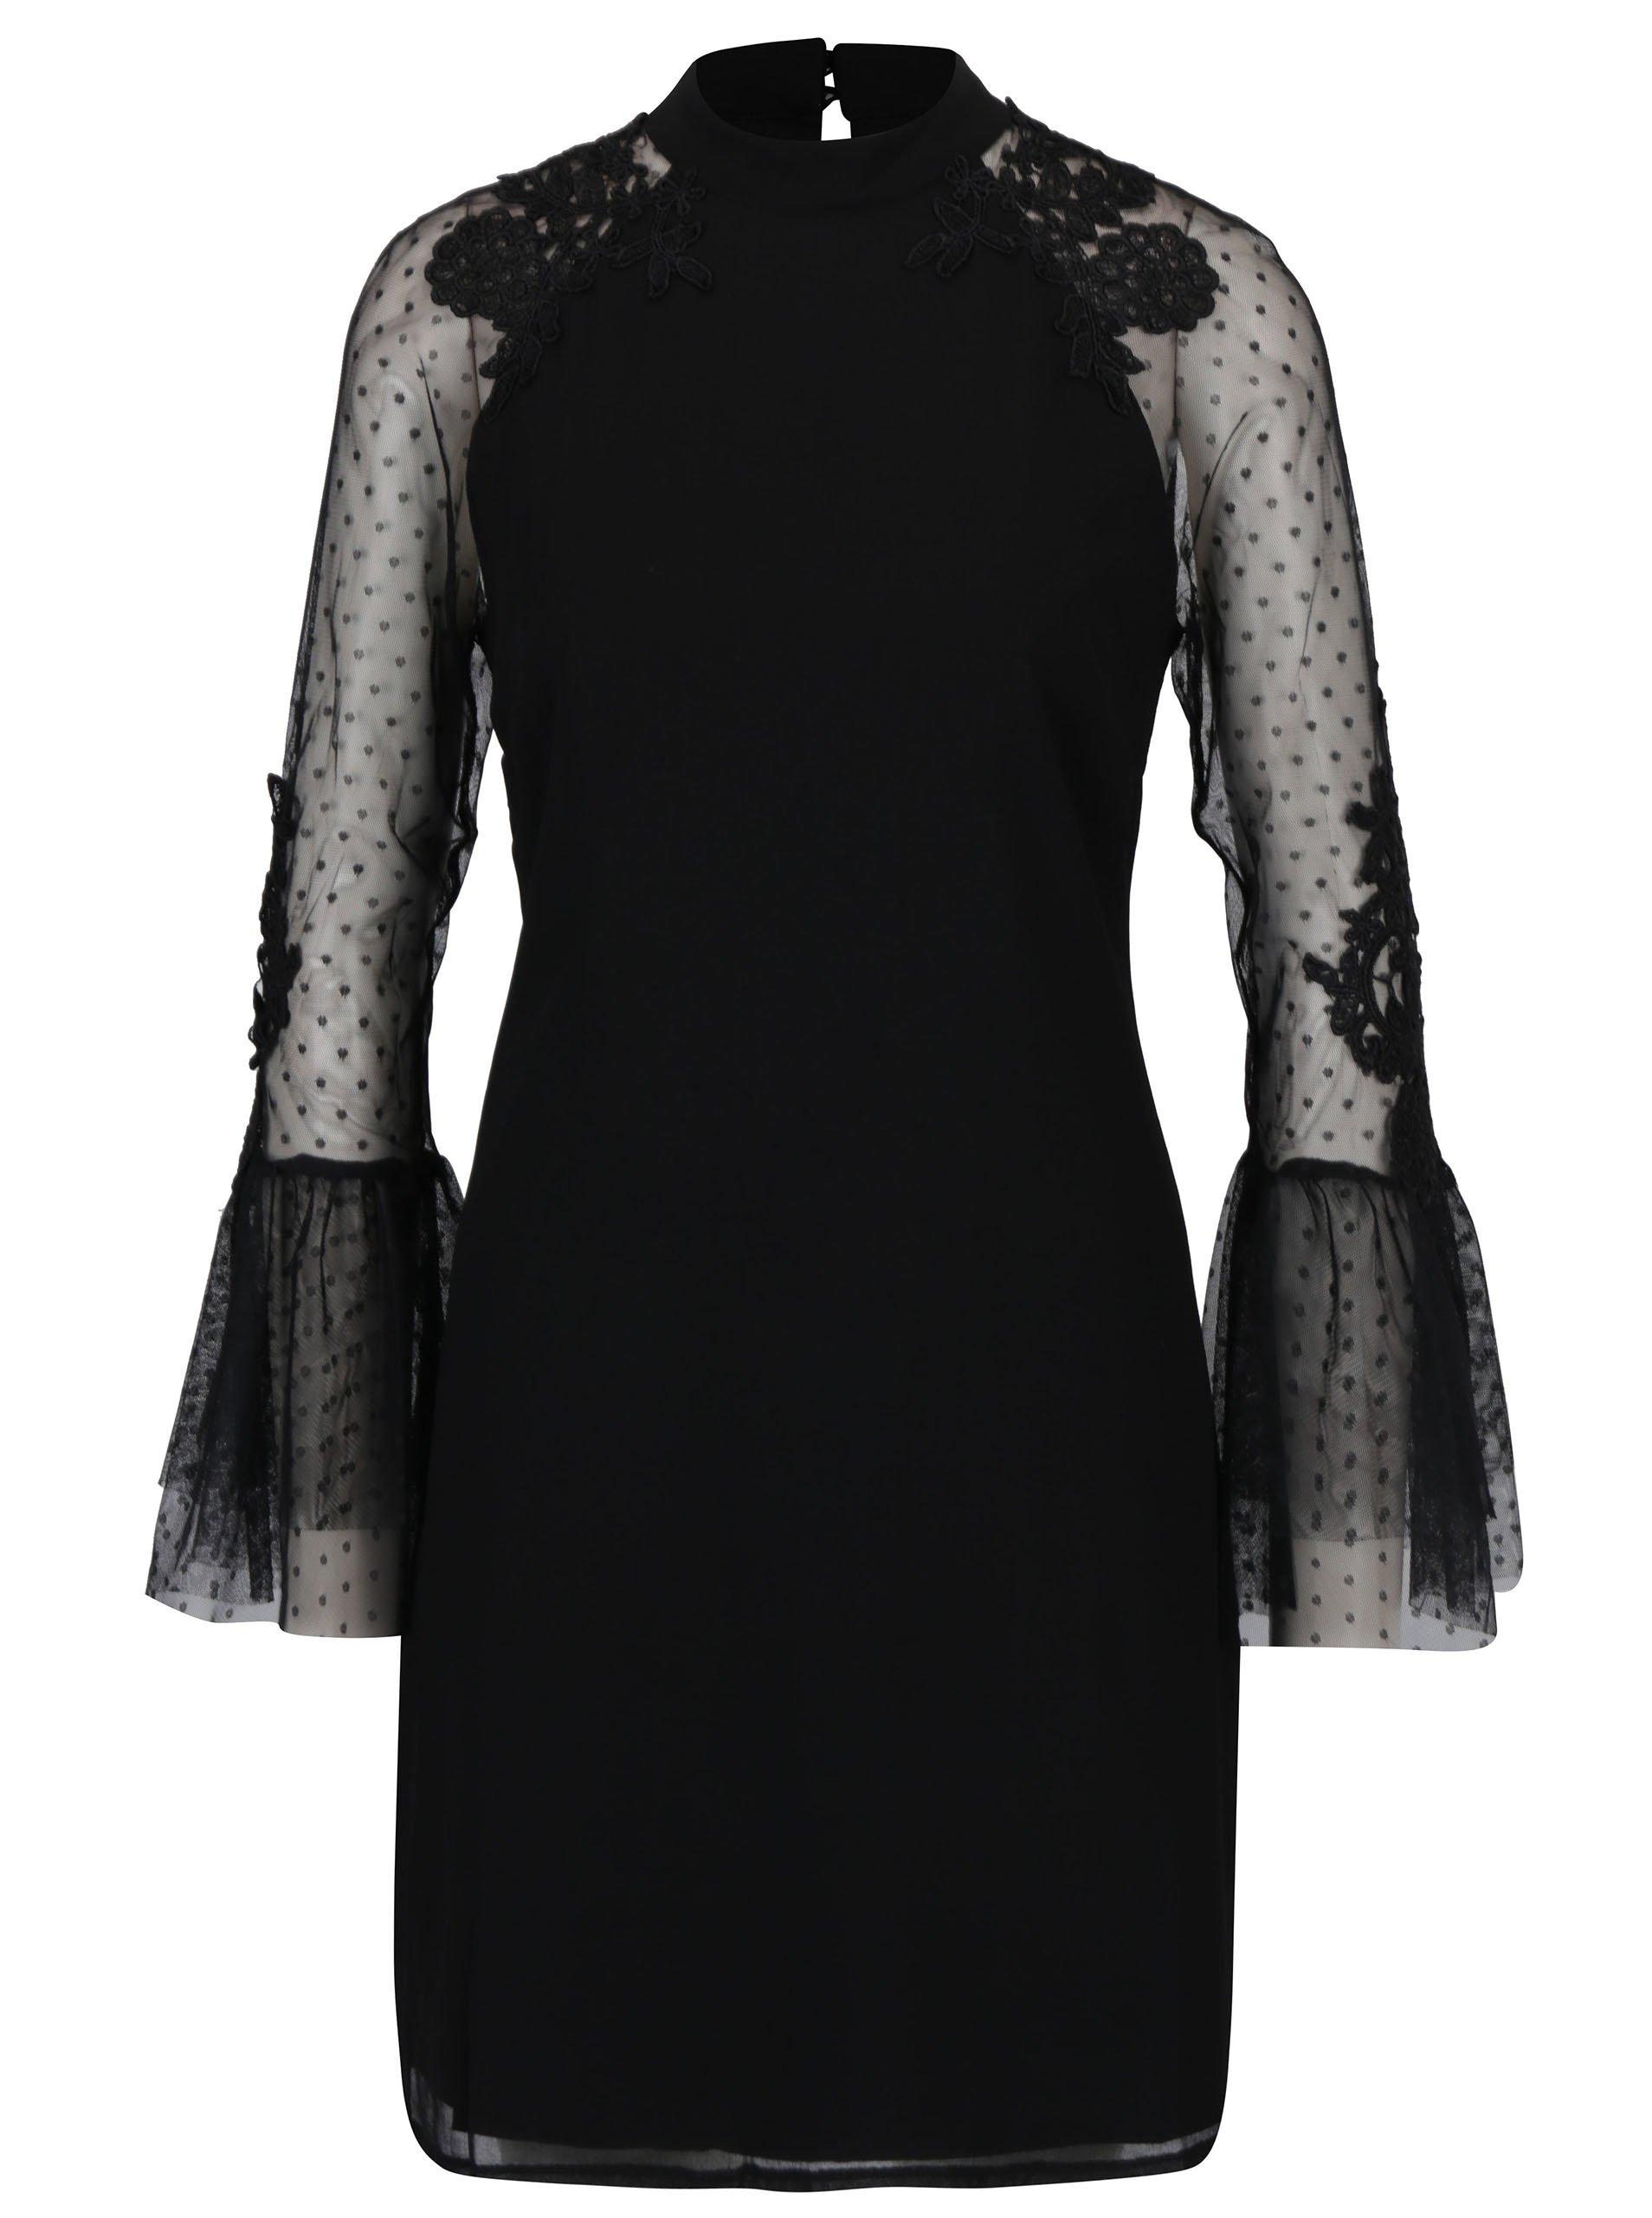 Čierne šaty s tylovými volánovými rukávmi Little Mistress 09a1d03fd8a